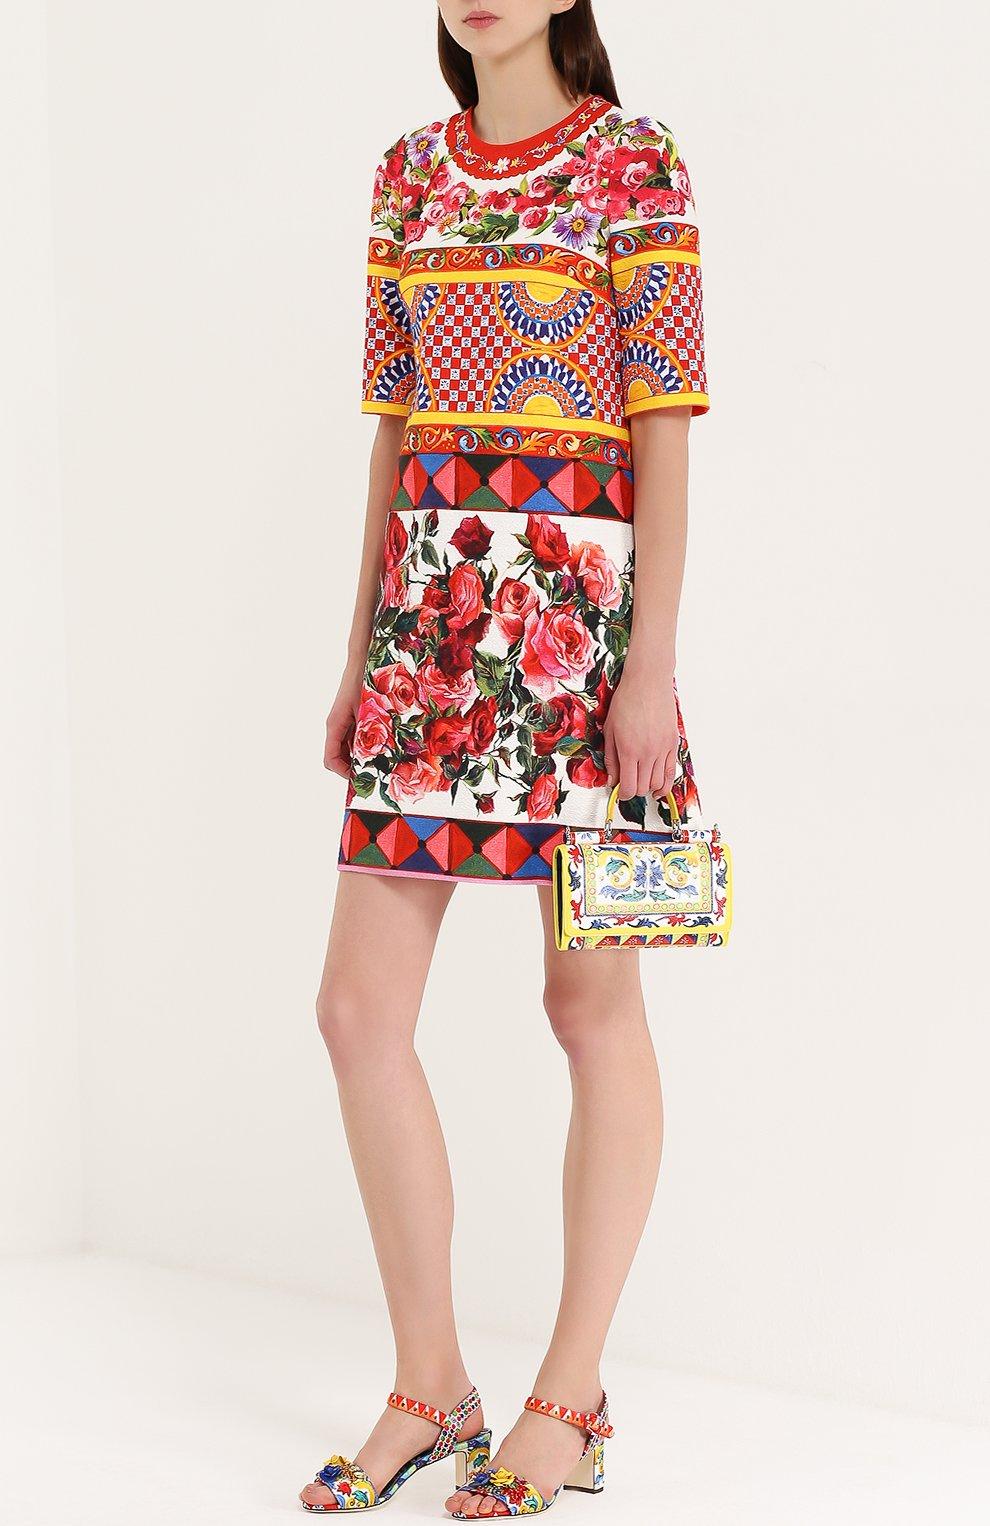 Босоножки из текстиля с аппликациями Dolce & Gabbana разноцветные | Фото №2